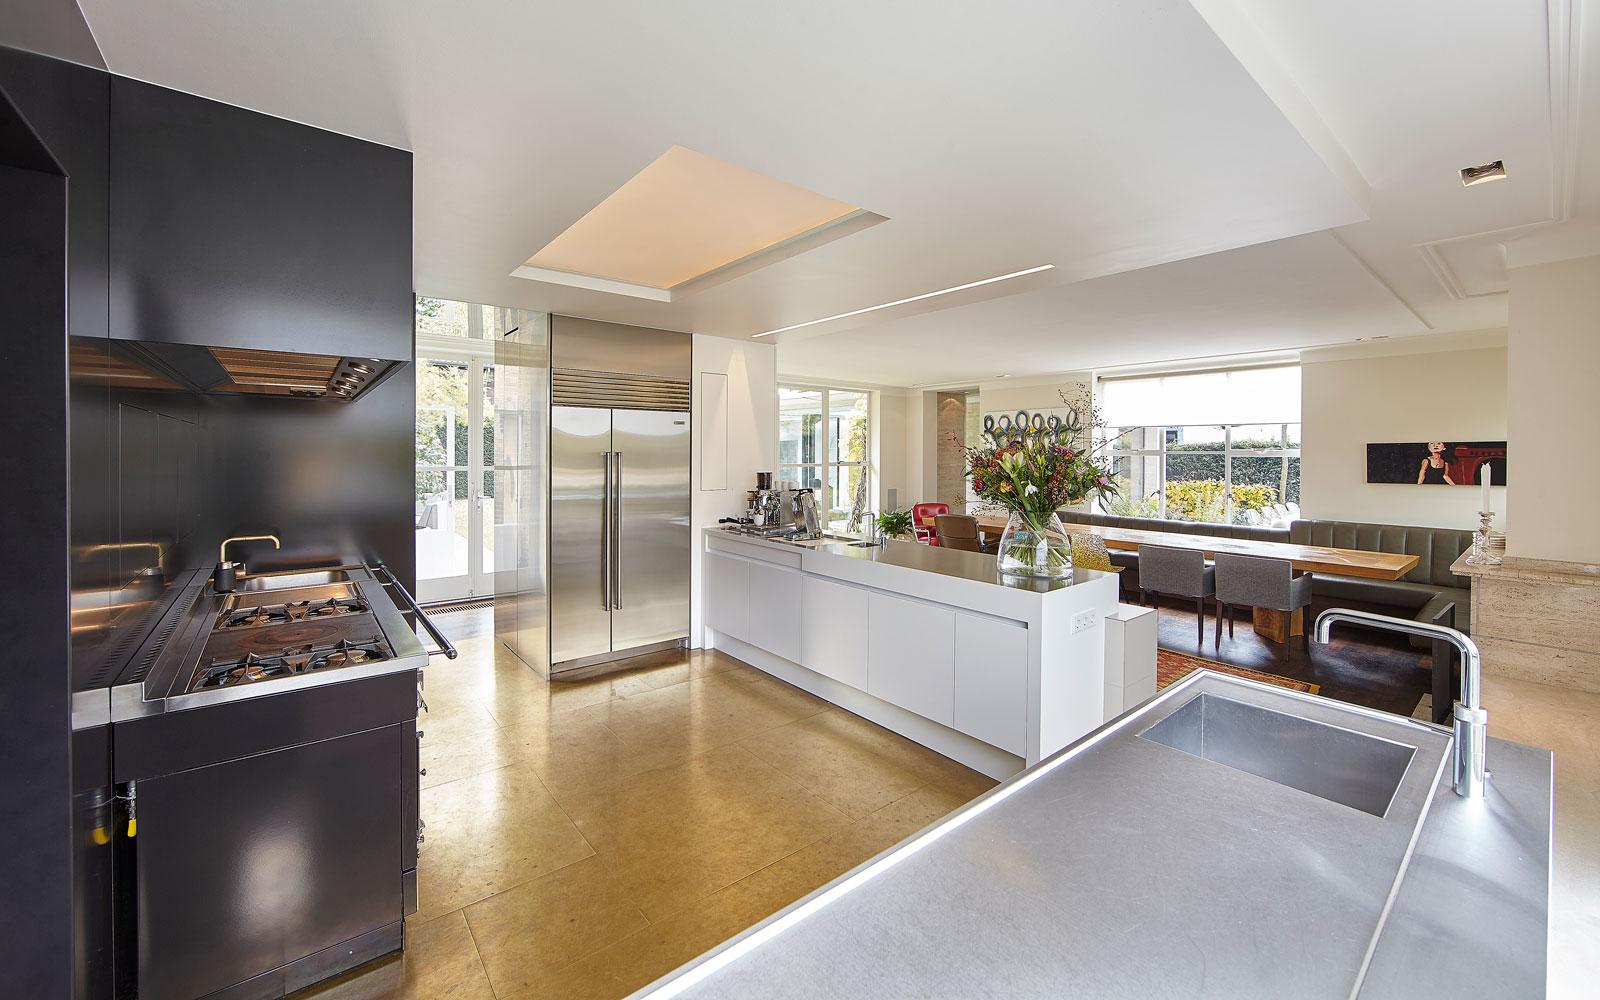 Keuken, maatwerk, Van der Plas Meubels & Project BV, vooroorlogse villa, De Bever Architecten